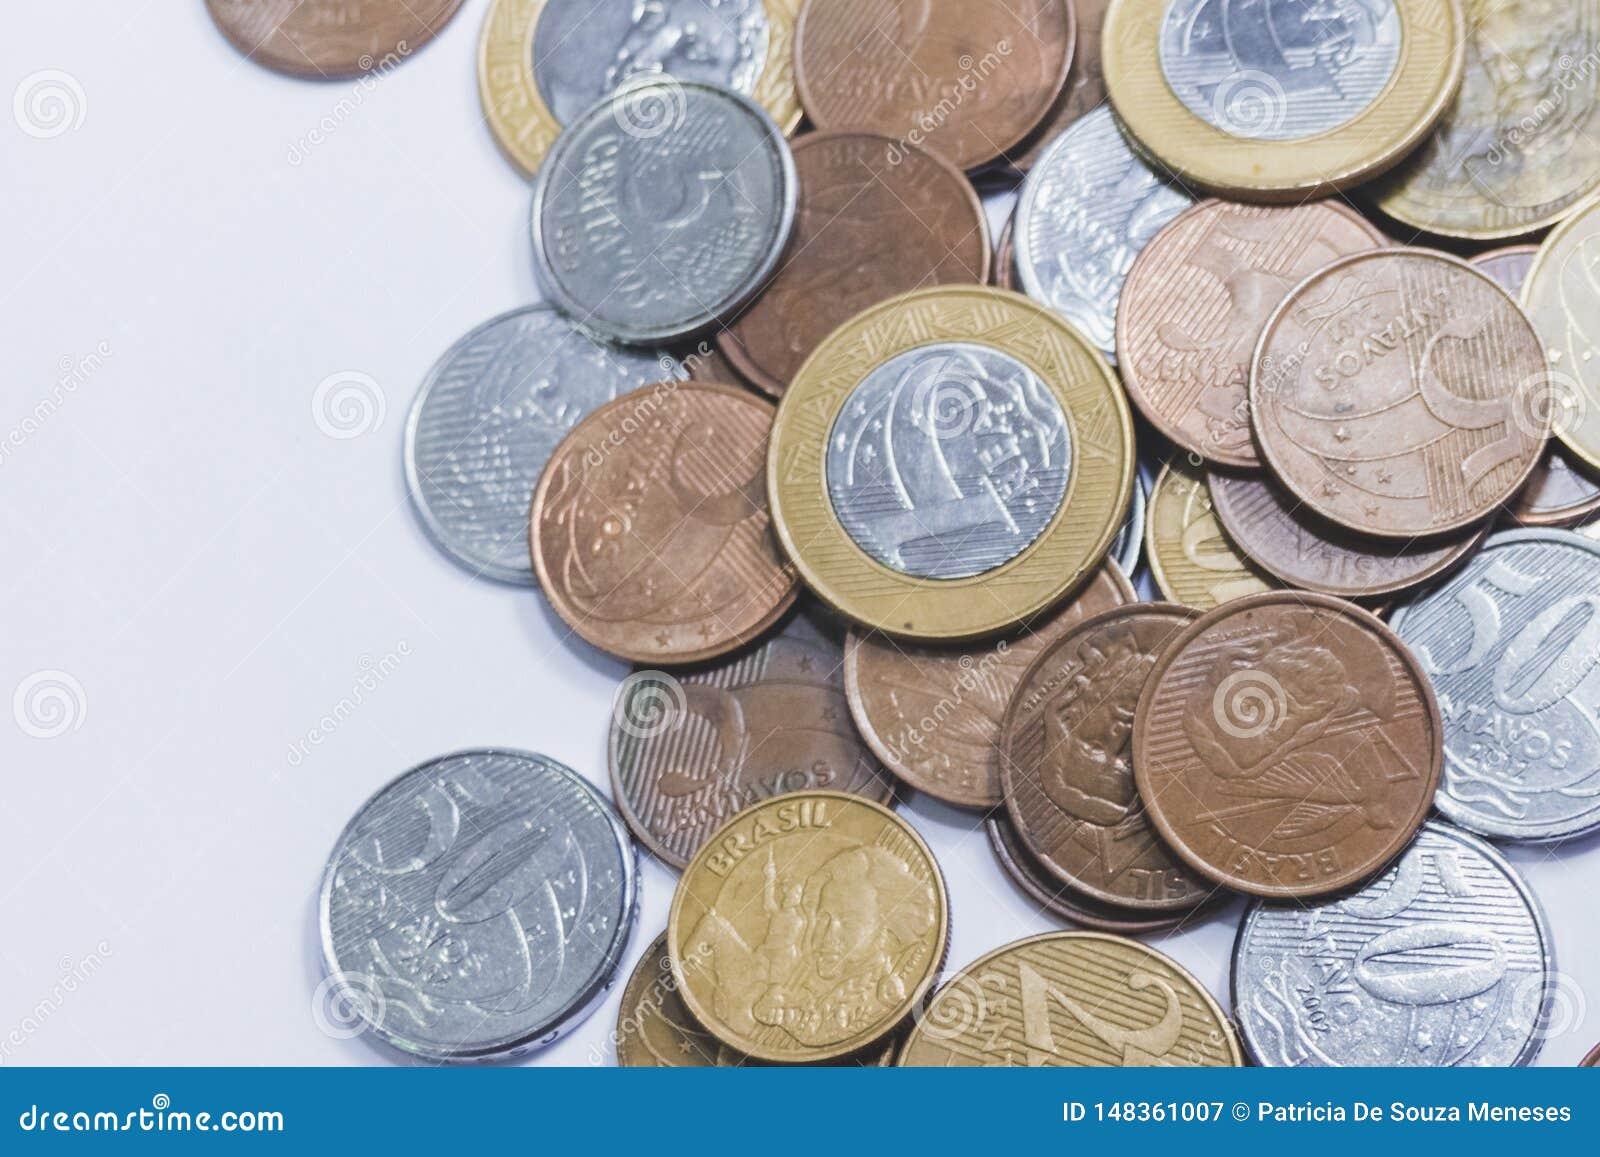 Money real kind Brazilian money